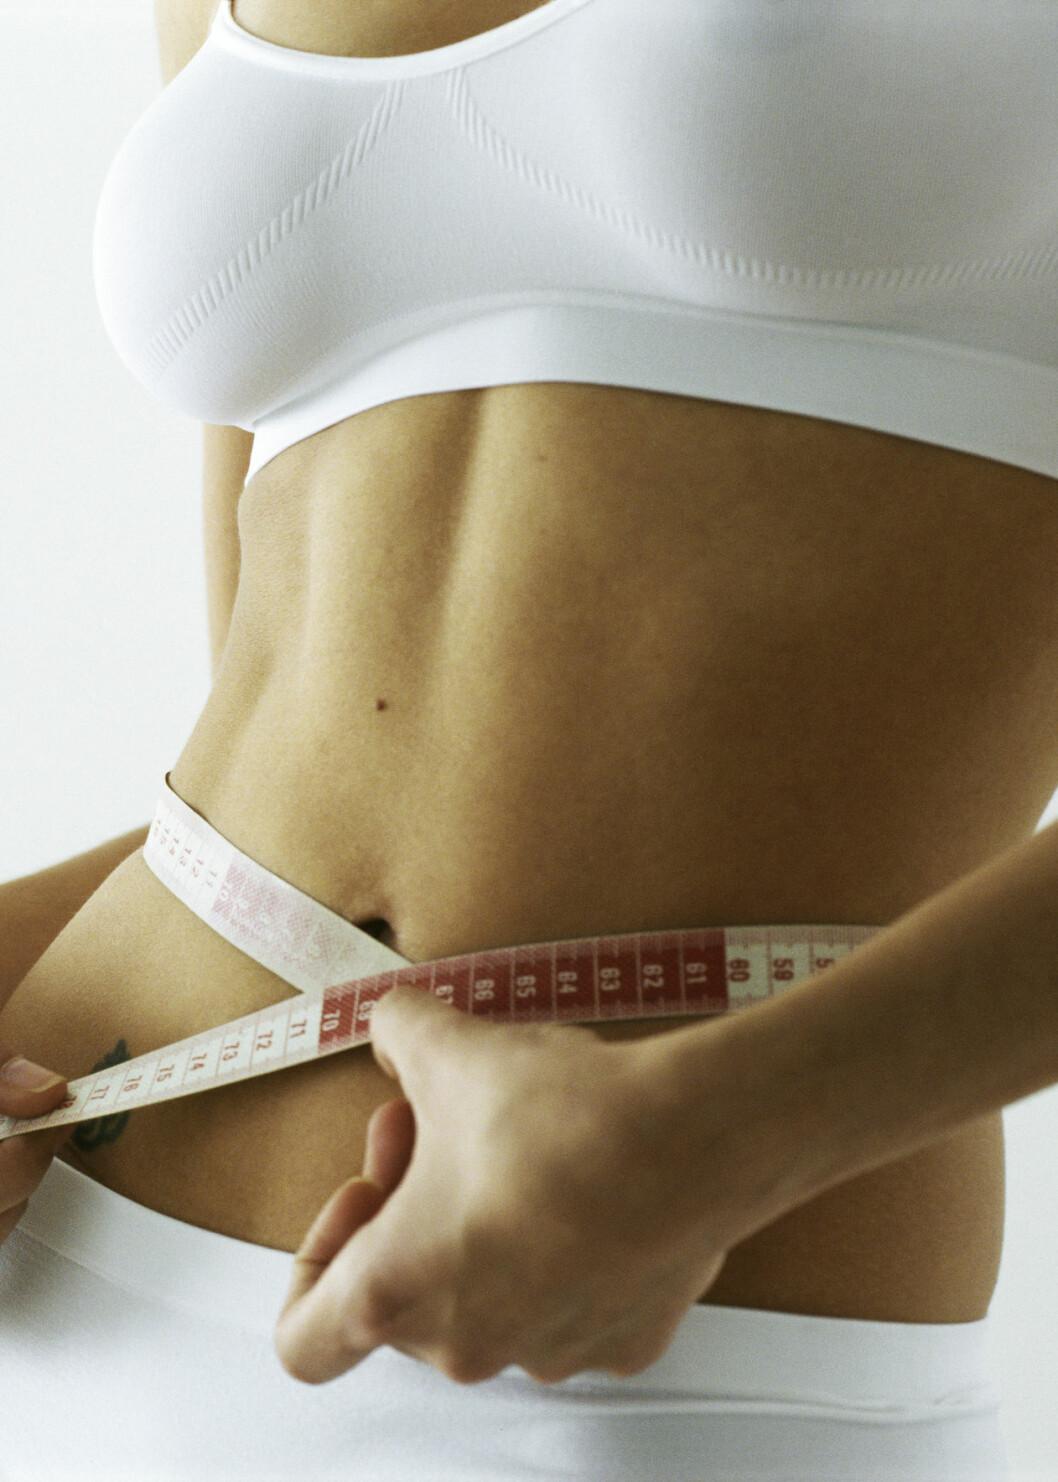 Kjendiser tyr ofte til desperate handlinger for å gå ned i vekt. Illustrasjonsbilde: Colourbox Foto: Illustrasjonsbilde: Colourbox